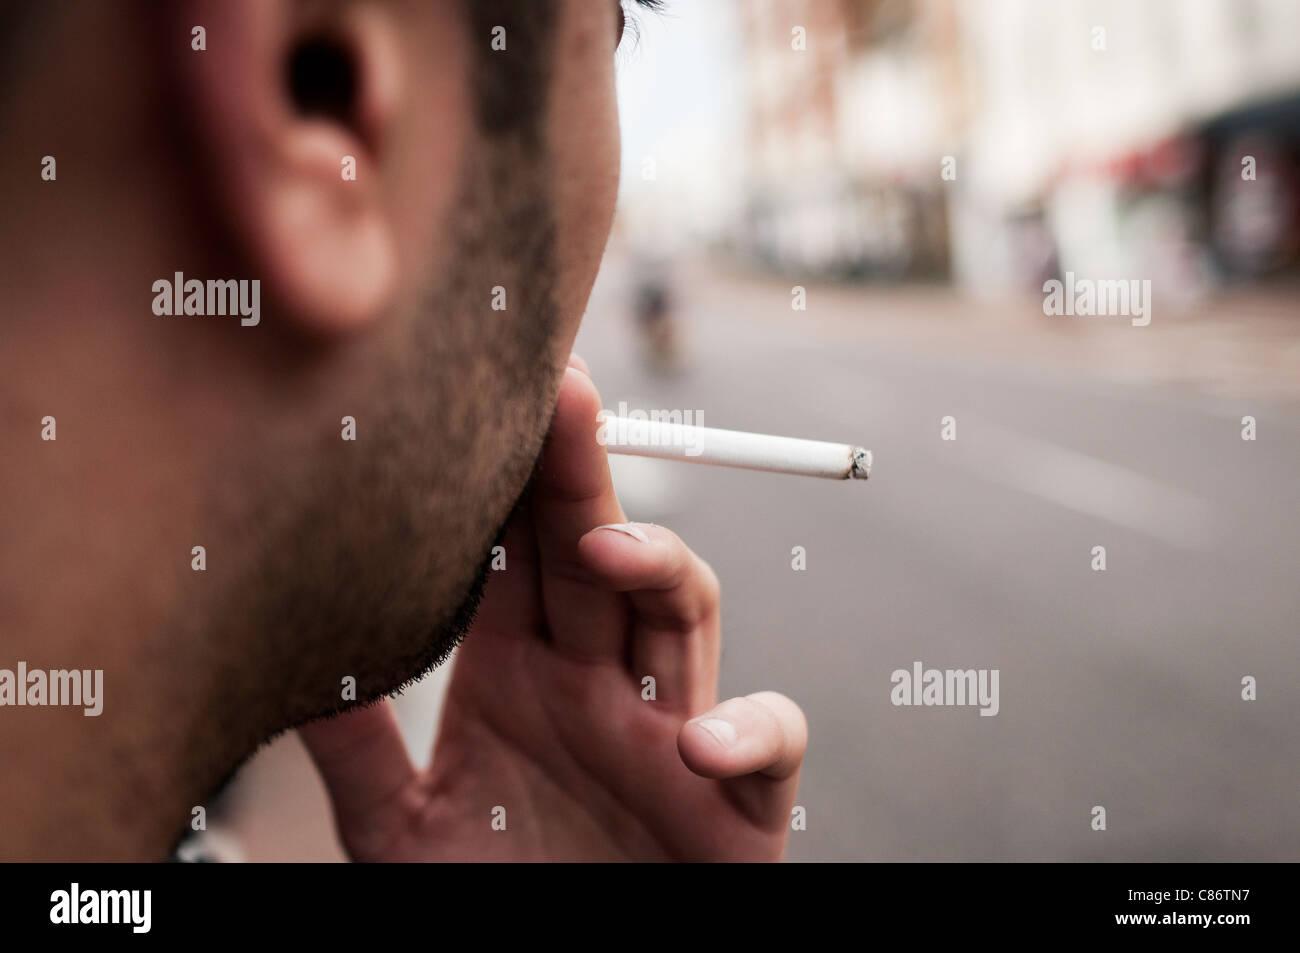 Junger Mann raucht eine Zigarette Stockbild